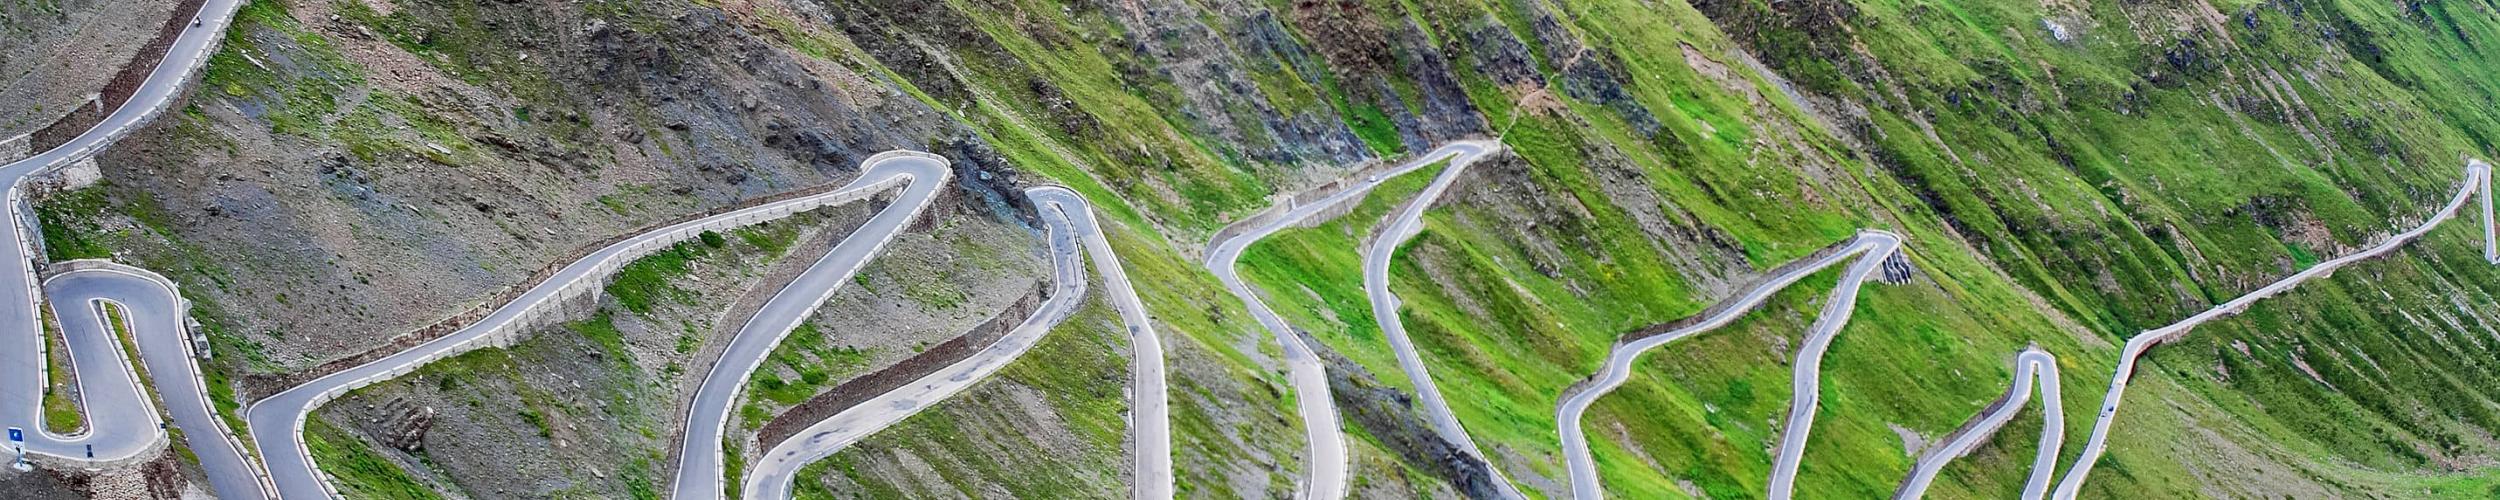 Motorvakantie Wellness in Tirol - Nauders | Motorreizen Oostenrijk